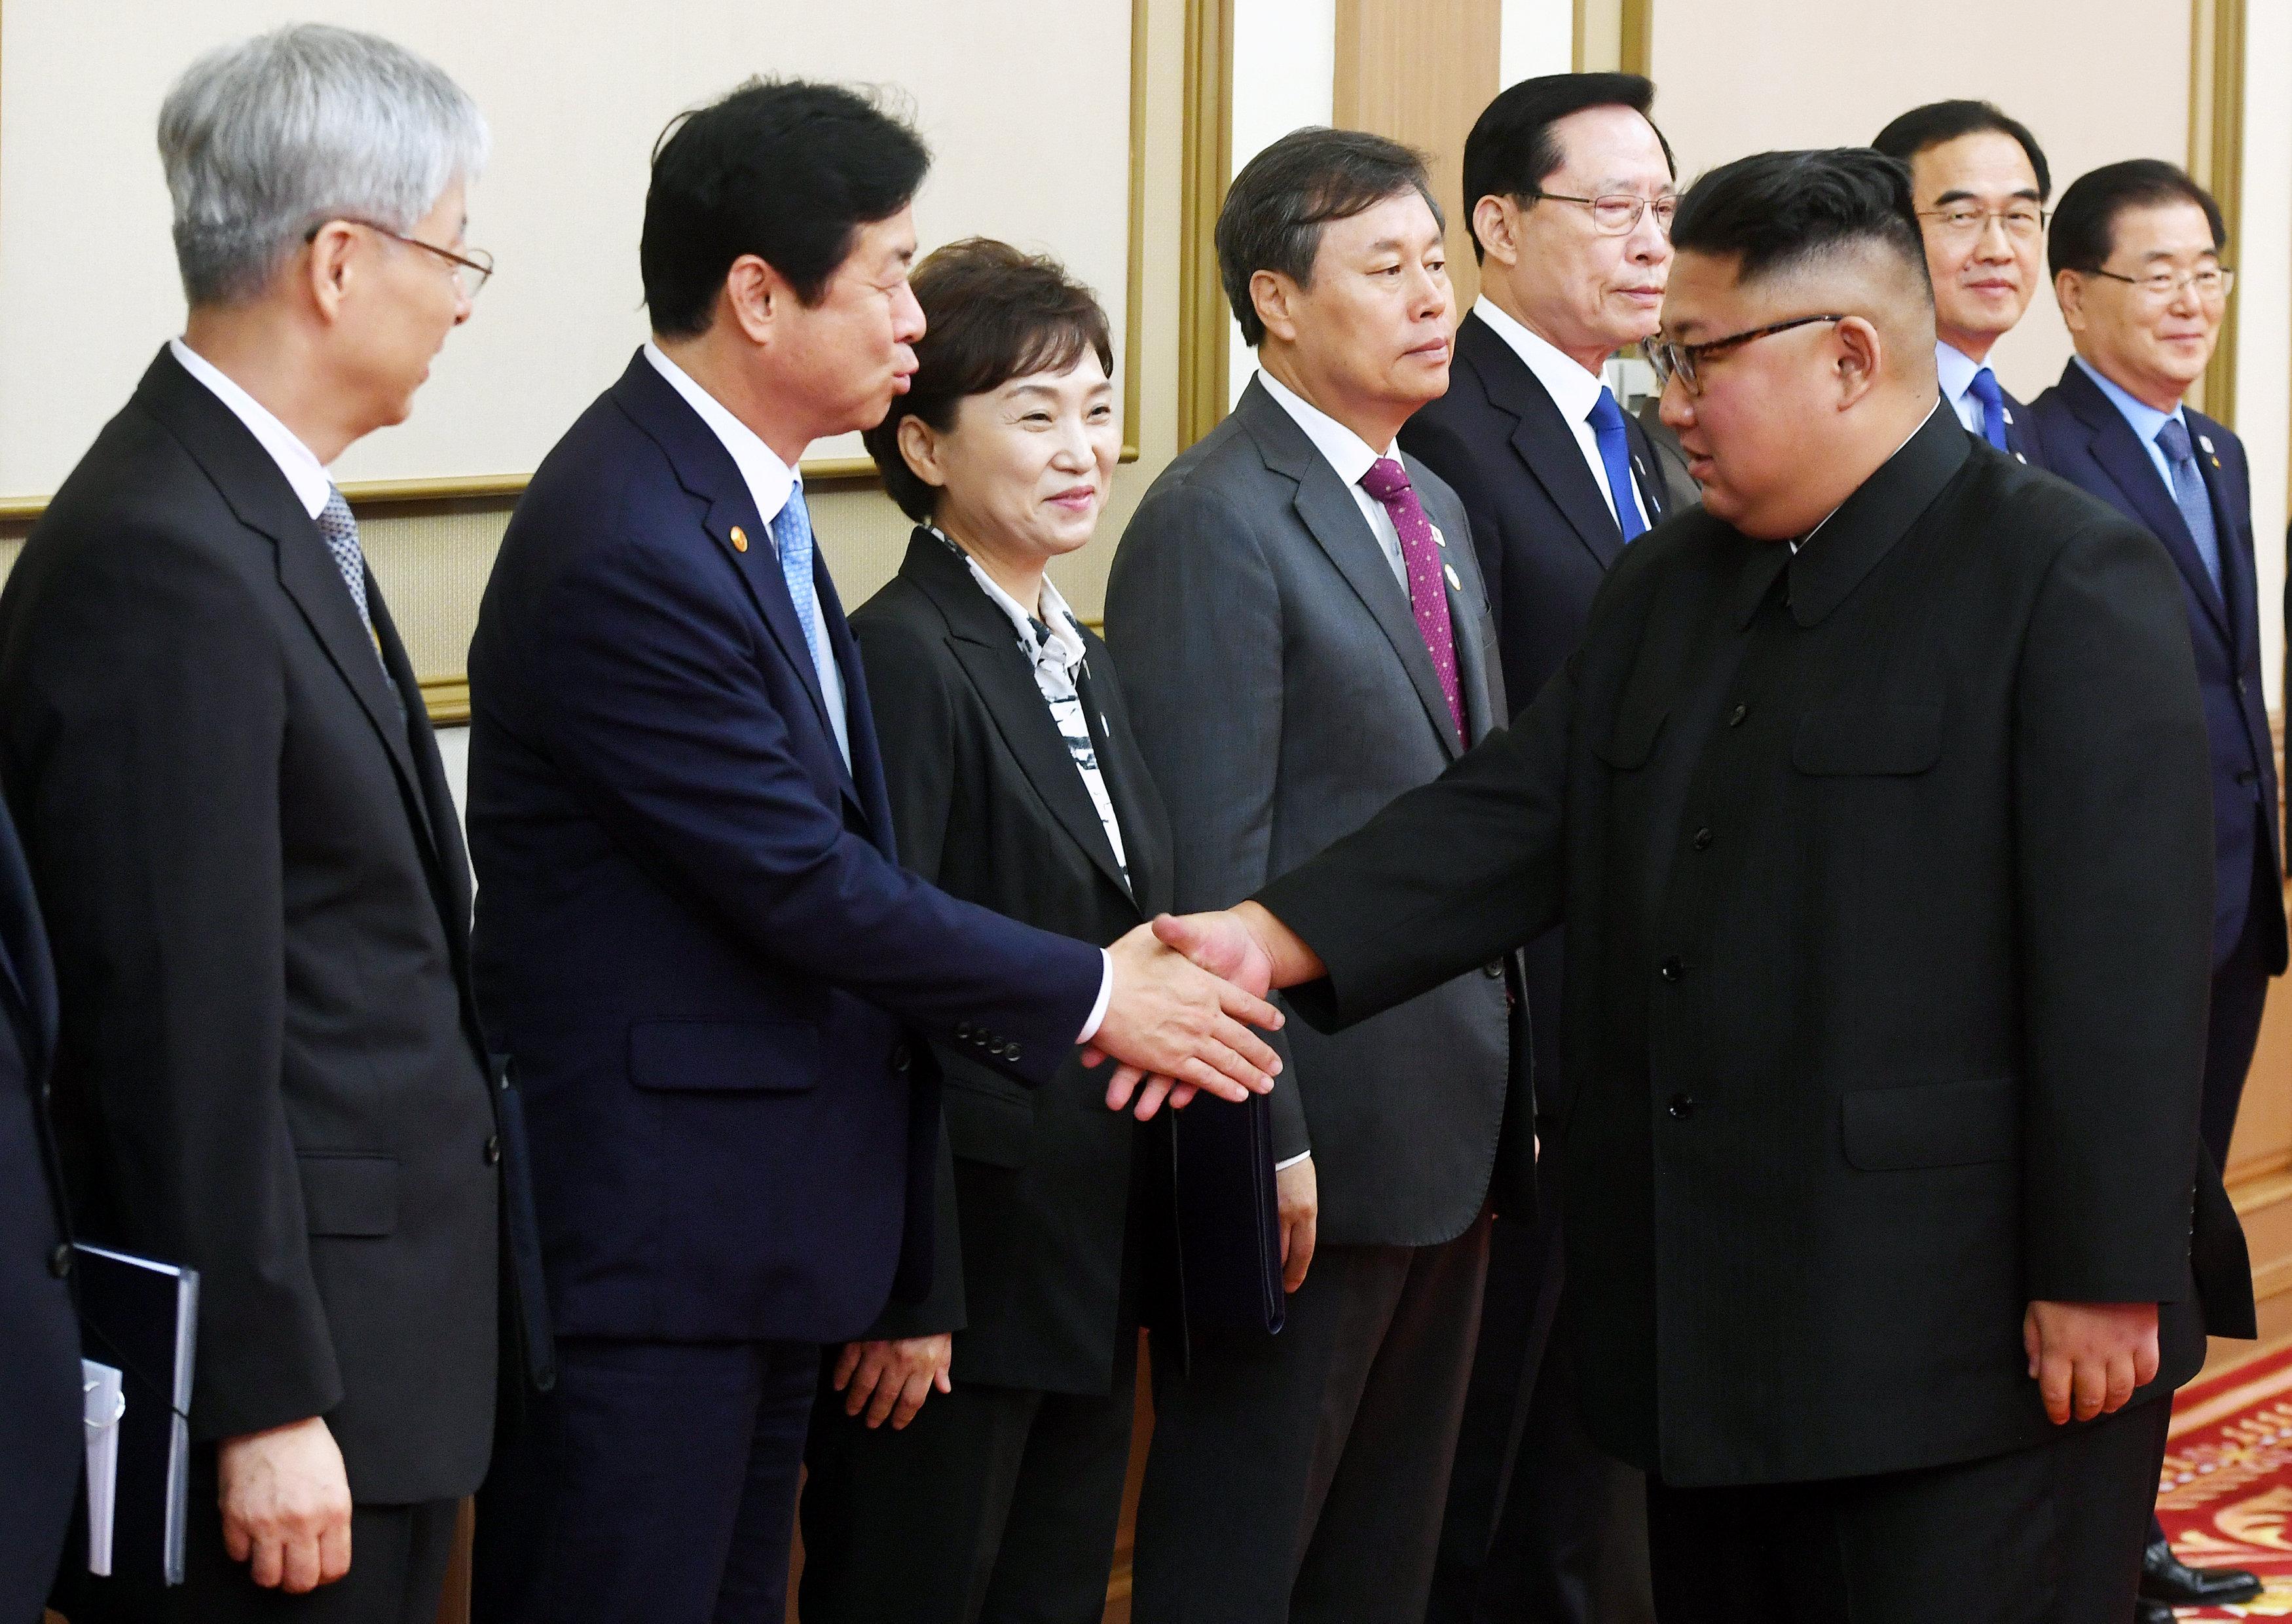 كيم جونج أون يصافح مسؤولى كوريا الجنوبية